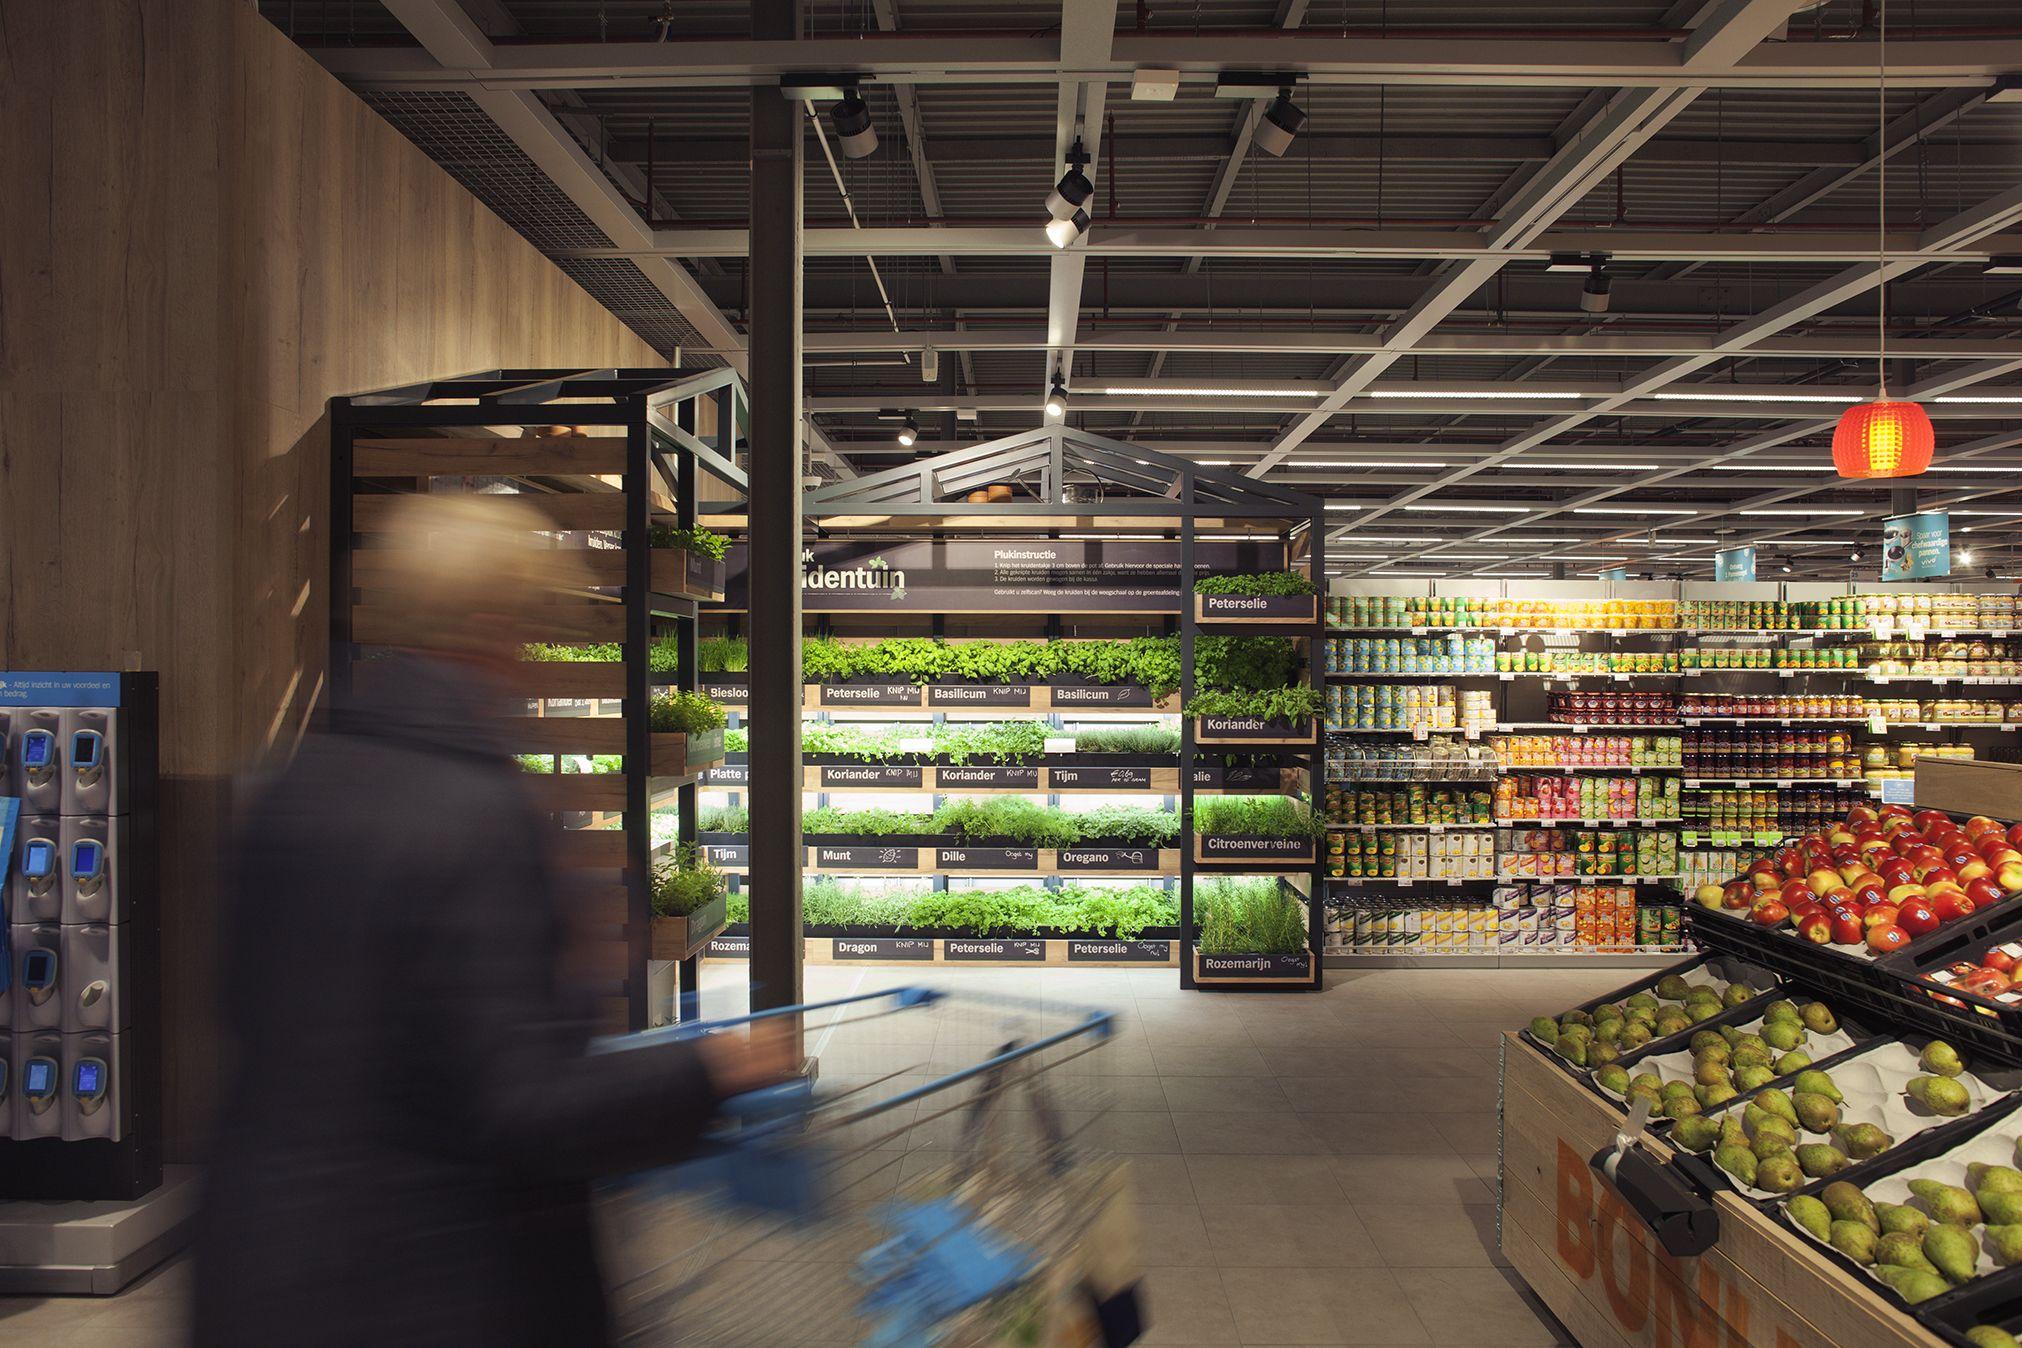 Studiomfd, Instore, Herb Garden, Retail, Design, Green, Eco, Albert Heijn,